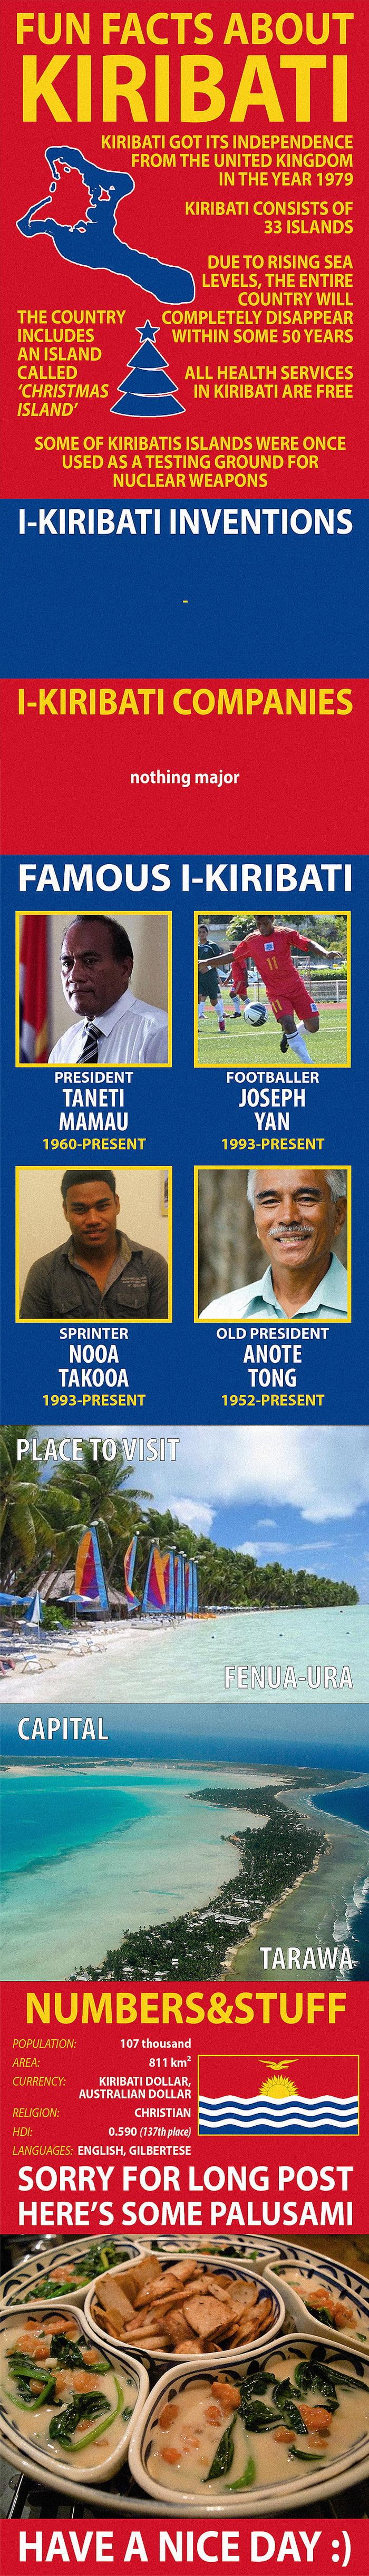 Fun Facts about Kiribati - 9GAG